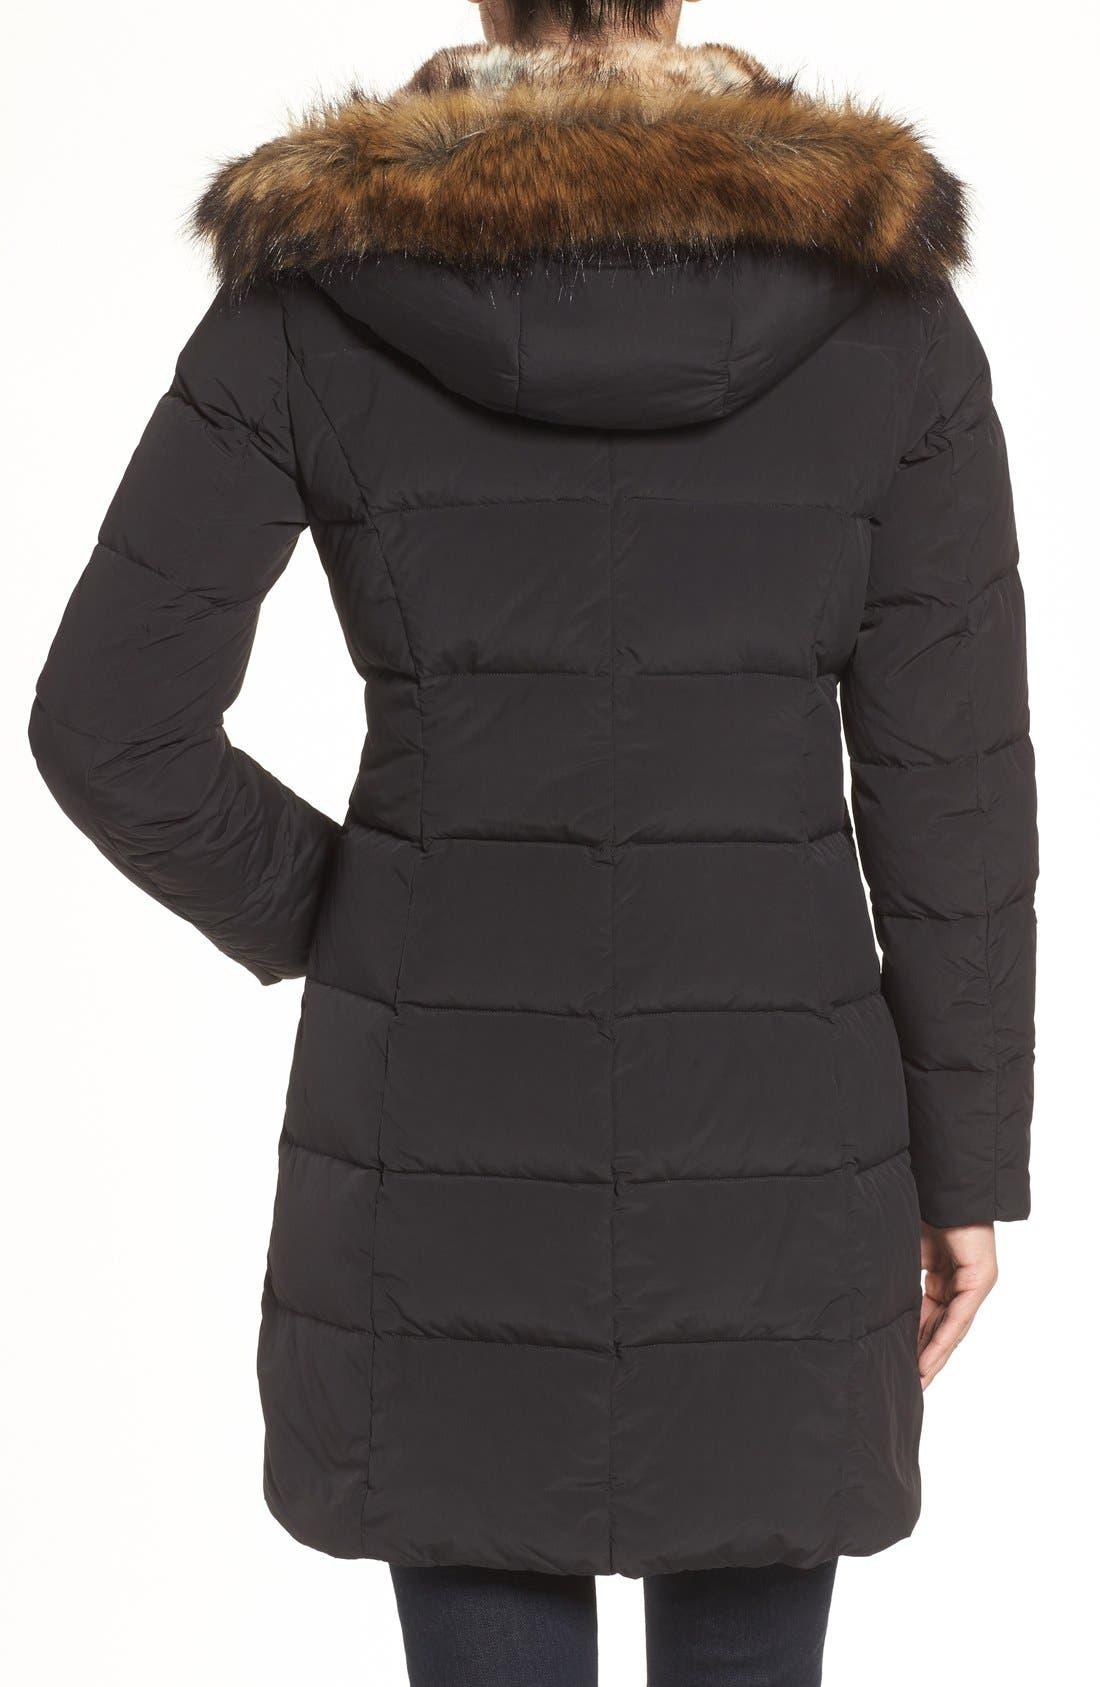 Asymmetrical Down Coat with Faux Fur Trim,                             Alternate thumbnail 2, color,                             001